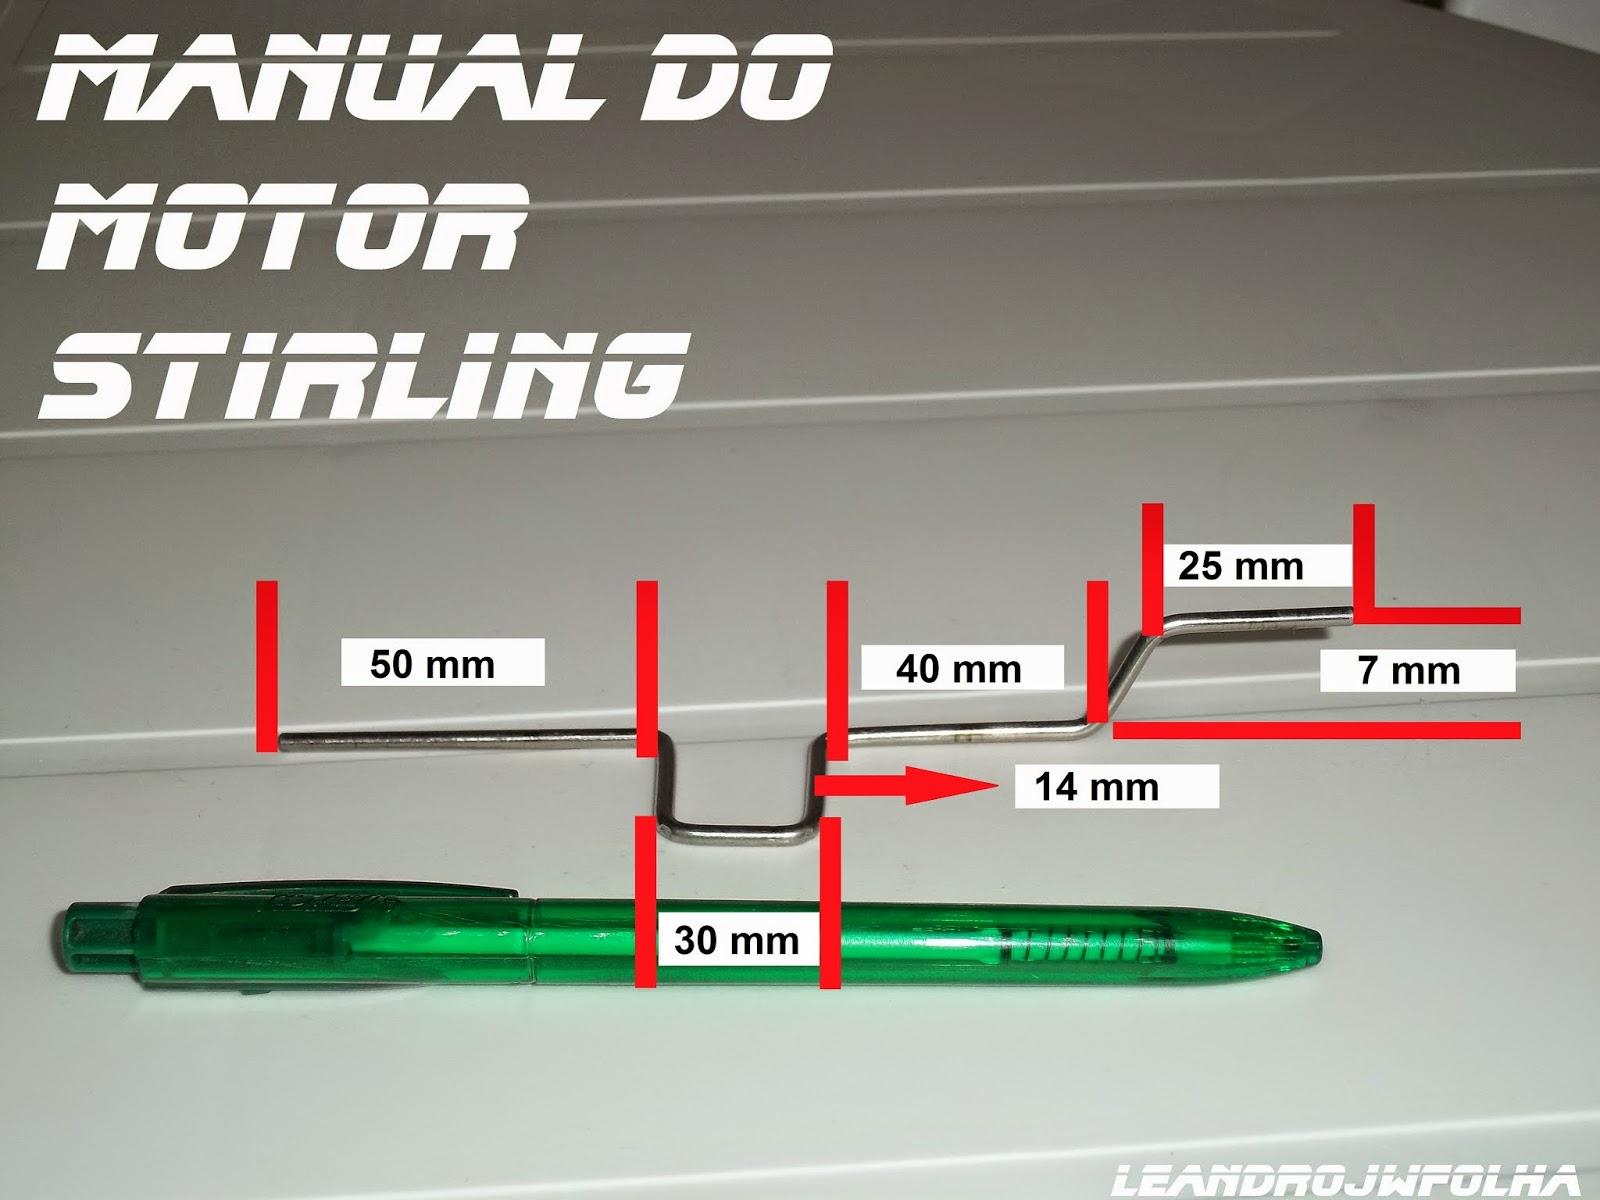 Manual do motor Stirling, medidas do virabrequim para aumentar a velocidade e potência